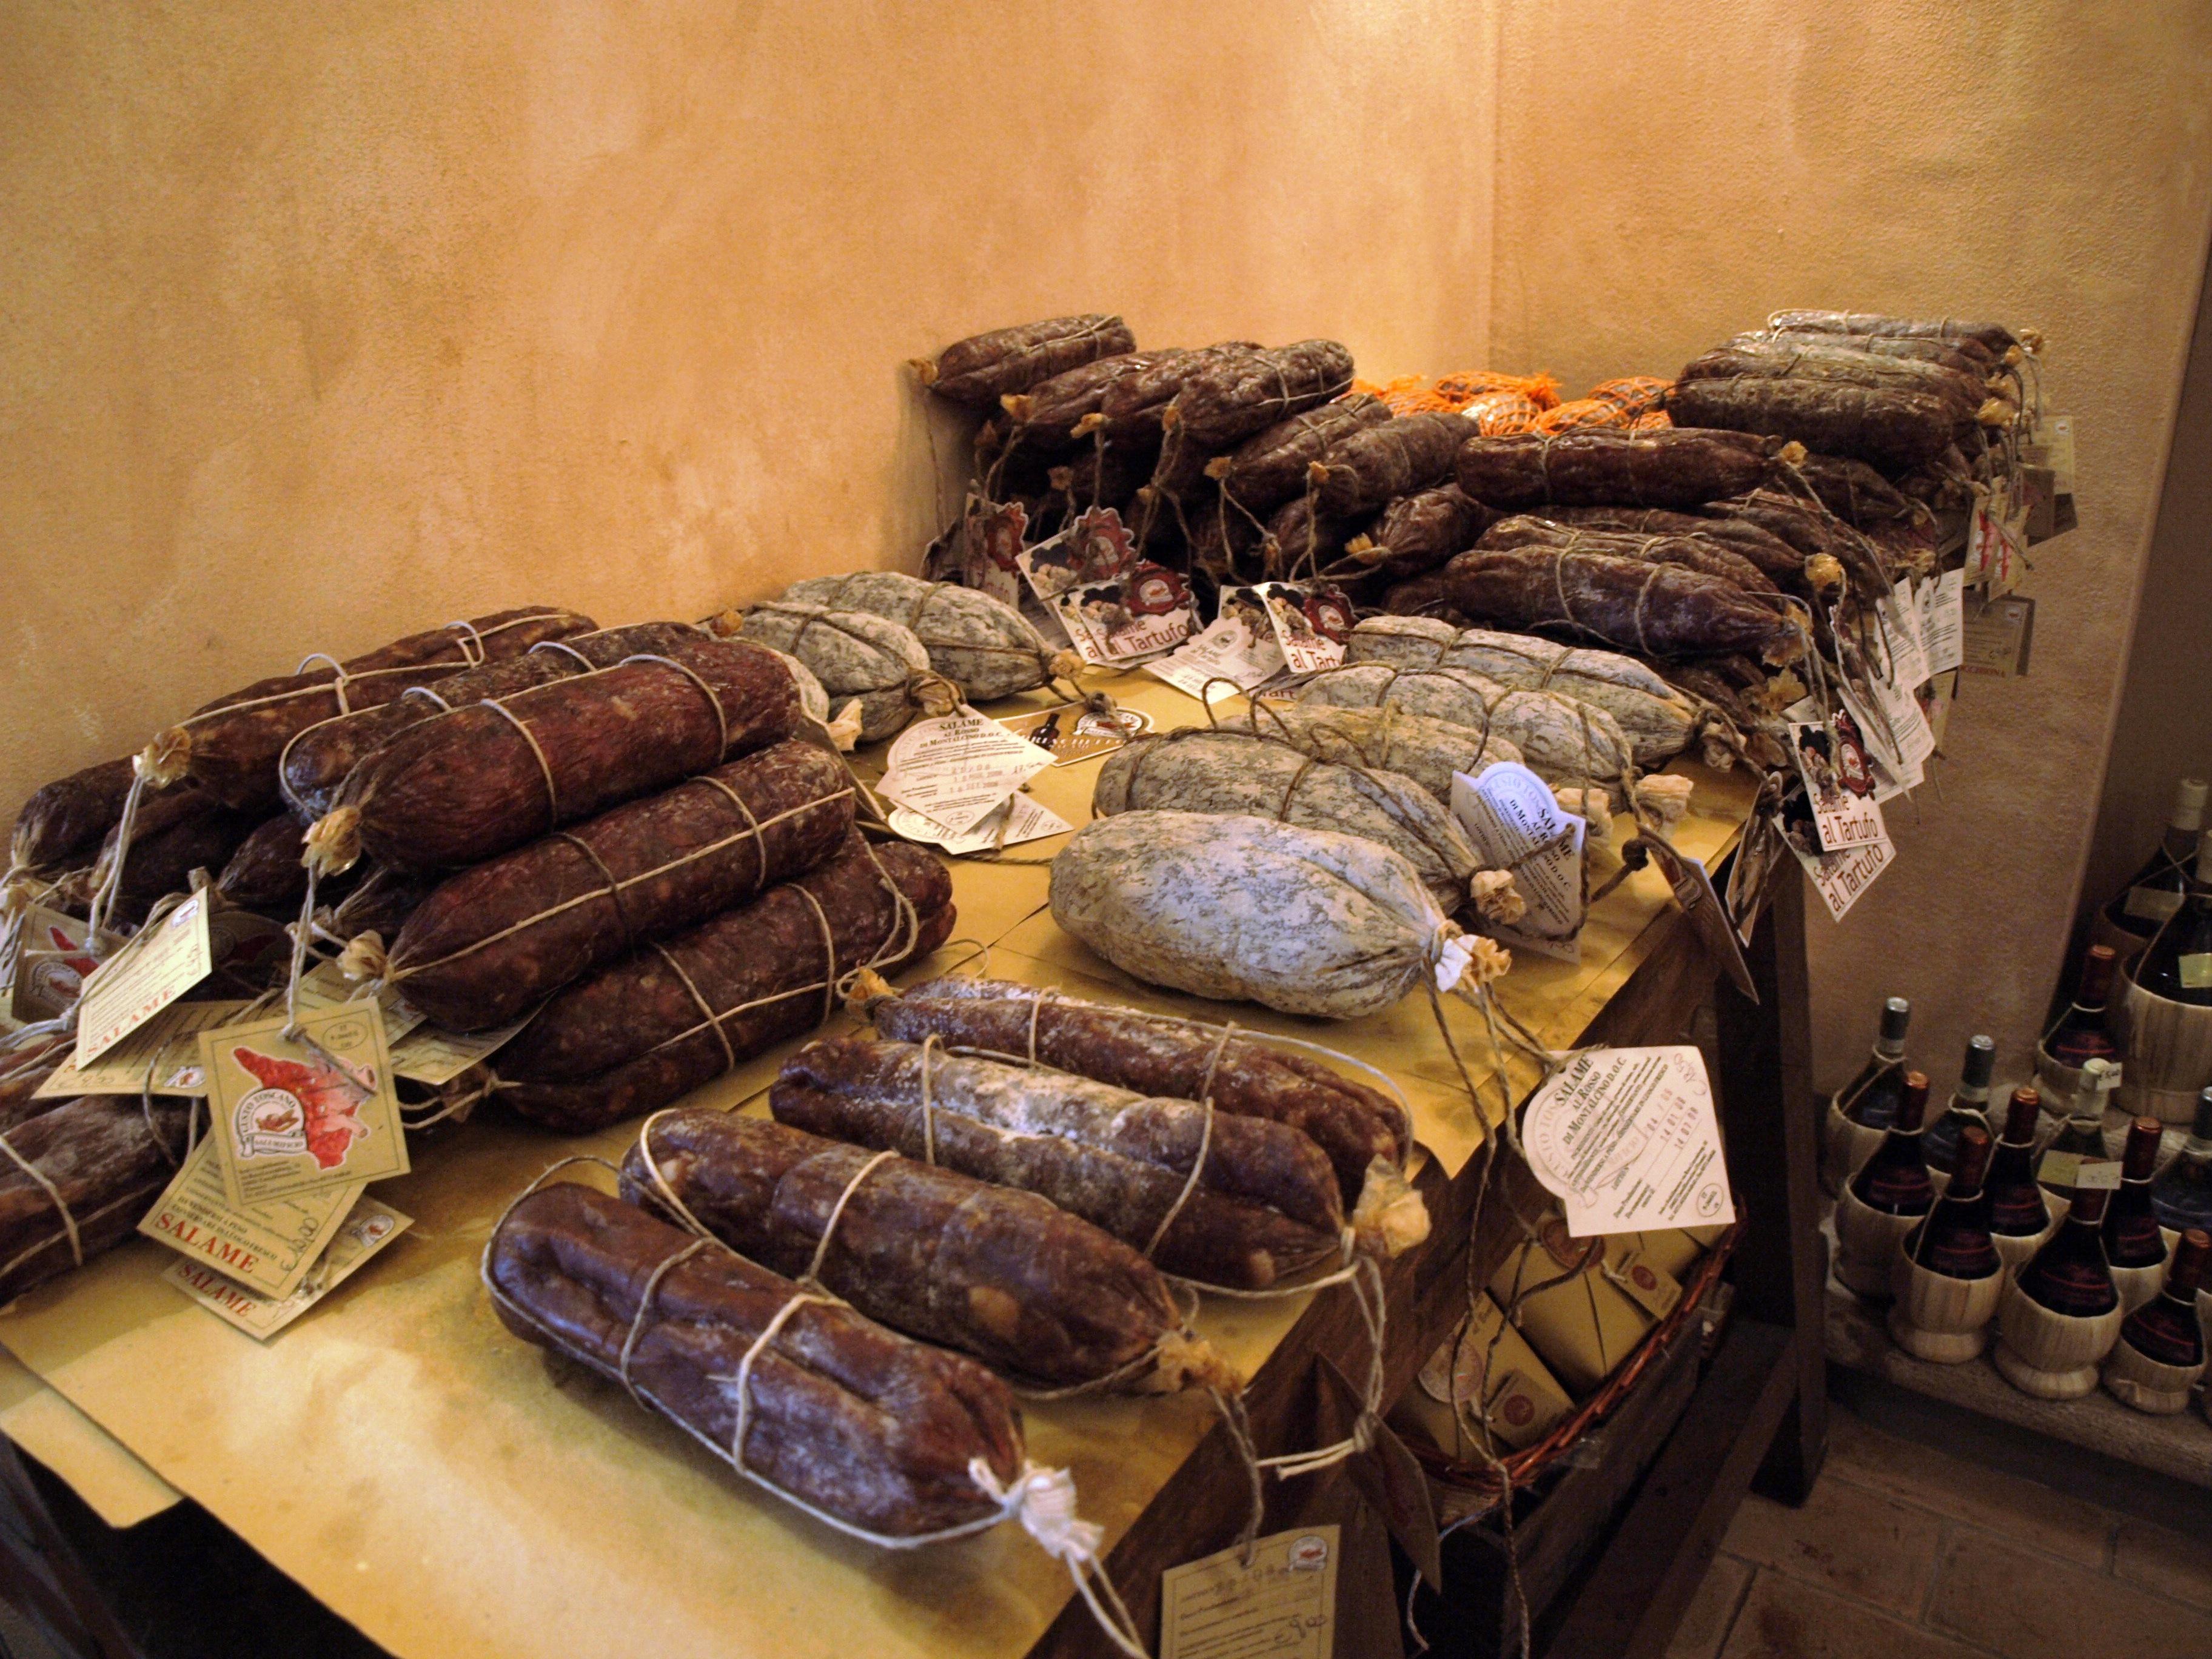 Itálie - San Gimignano, nabídka místních vynikajících uzenin